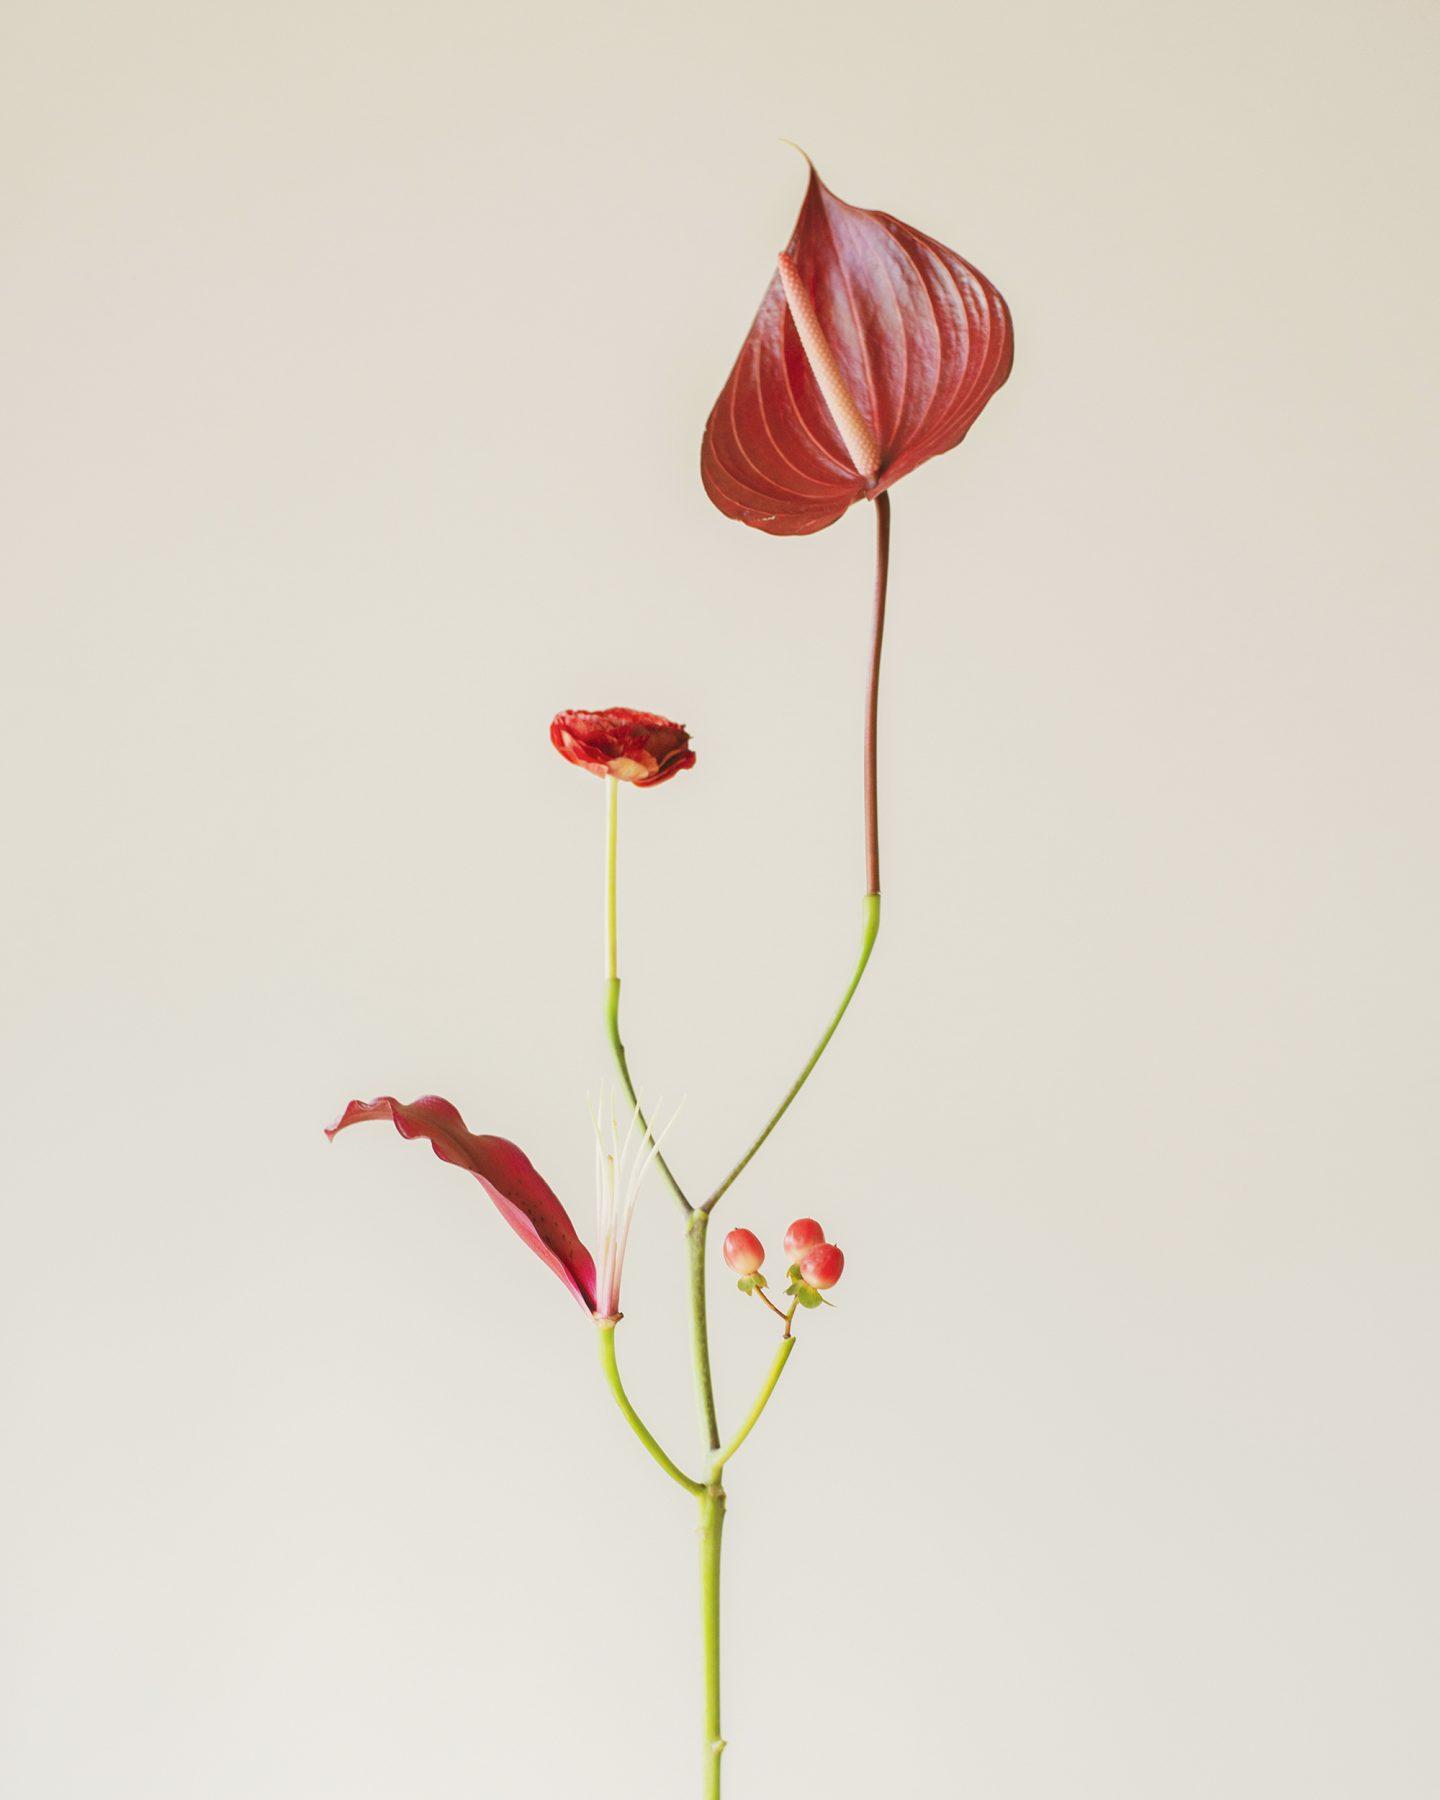 IGNANT-Photography-Jennifer-Latour-04